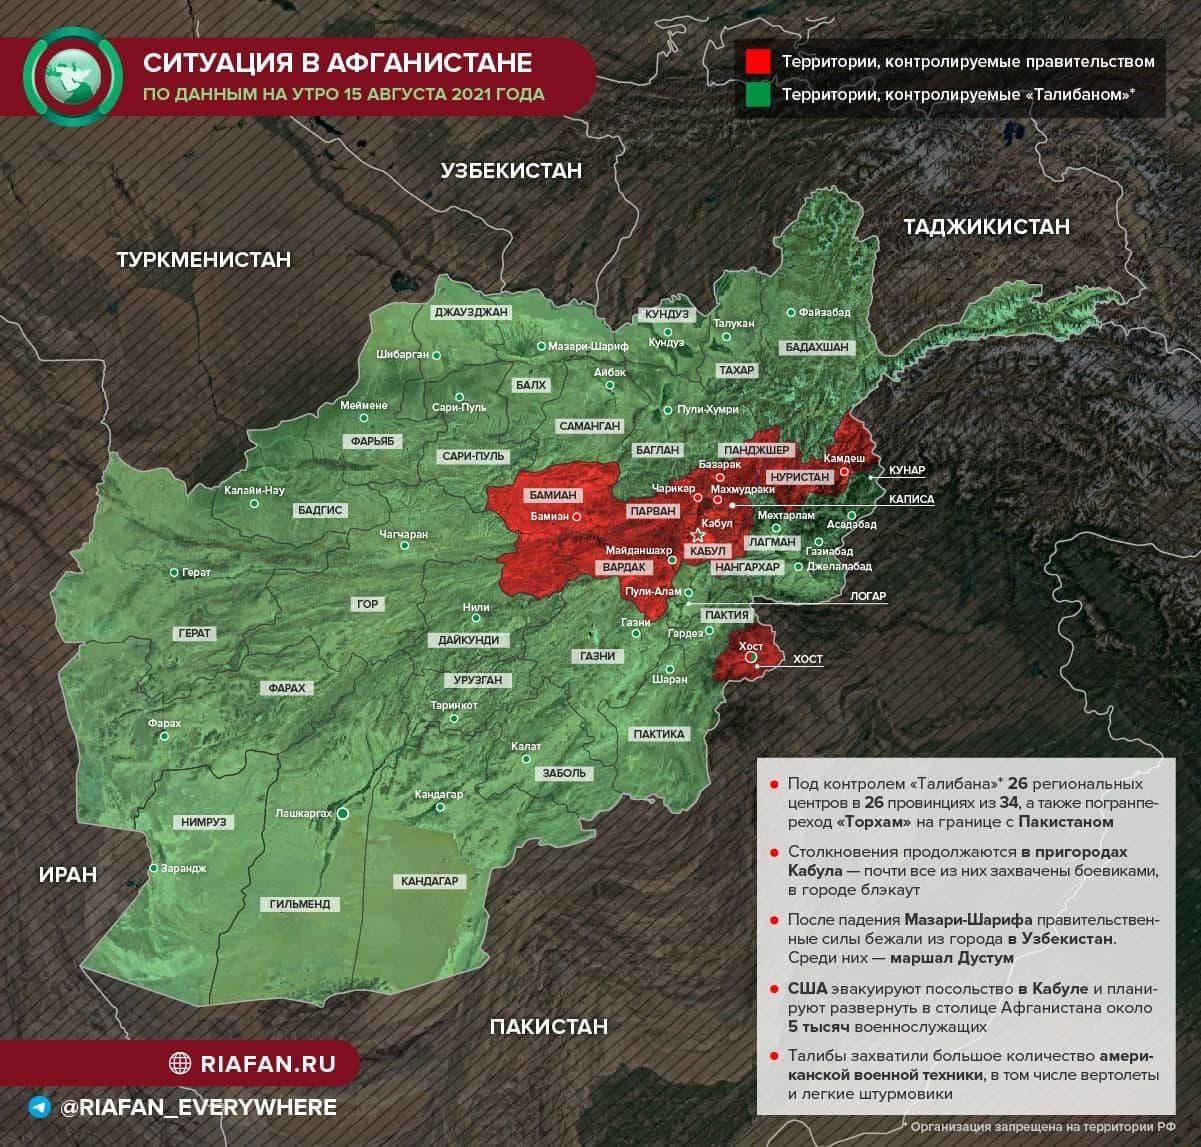 Талибы заняли почти весь Афганистан и пошли на штурм Кабула